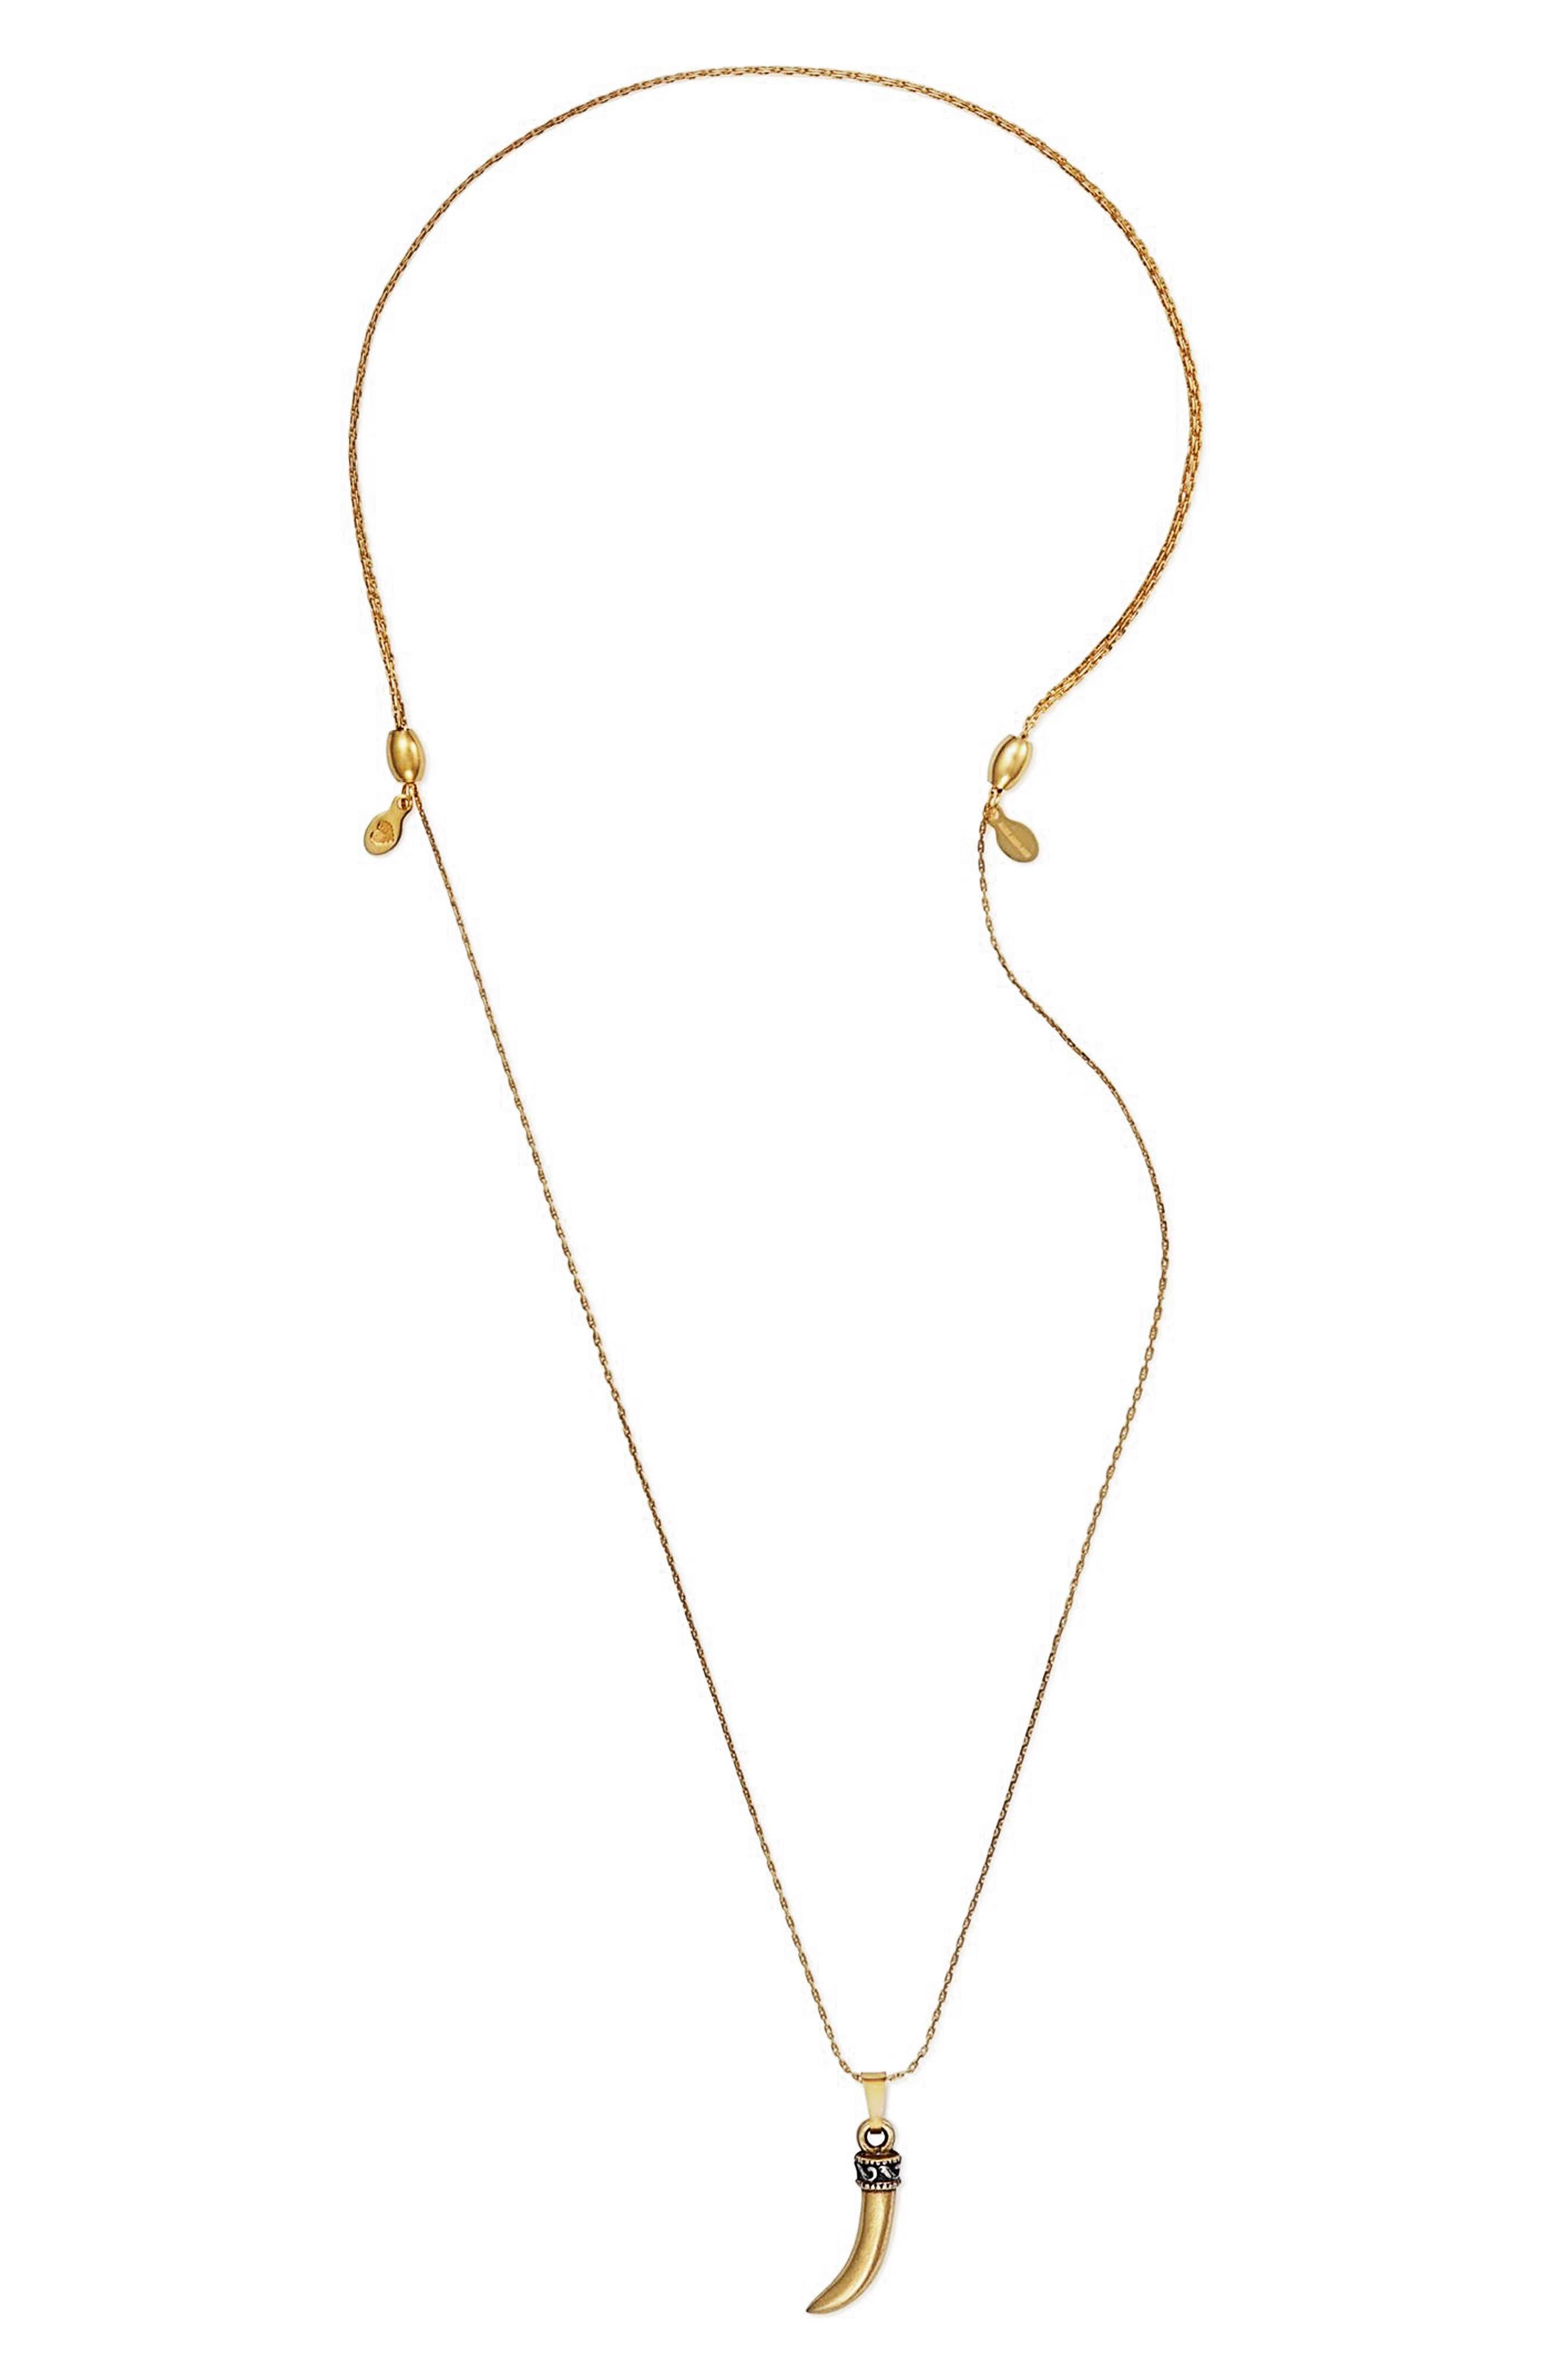 Horn Expandable Pendant Necklace,                             Main thumbnail 1, color,                             040